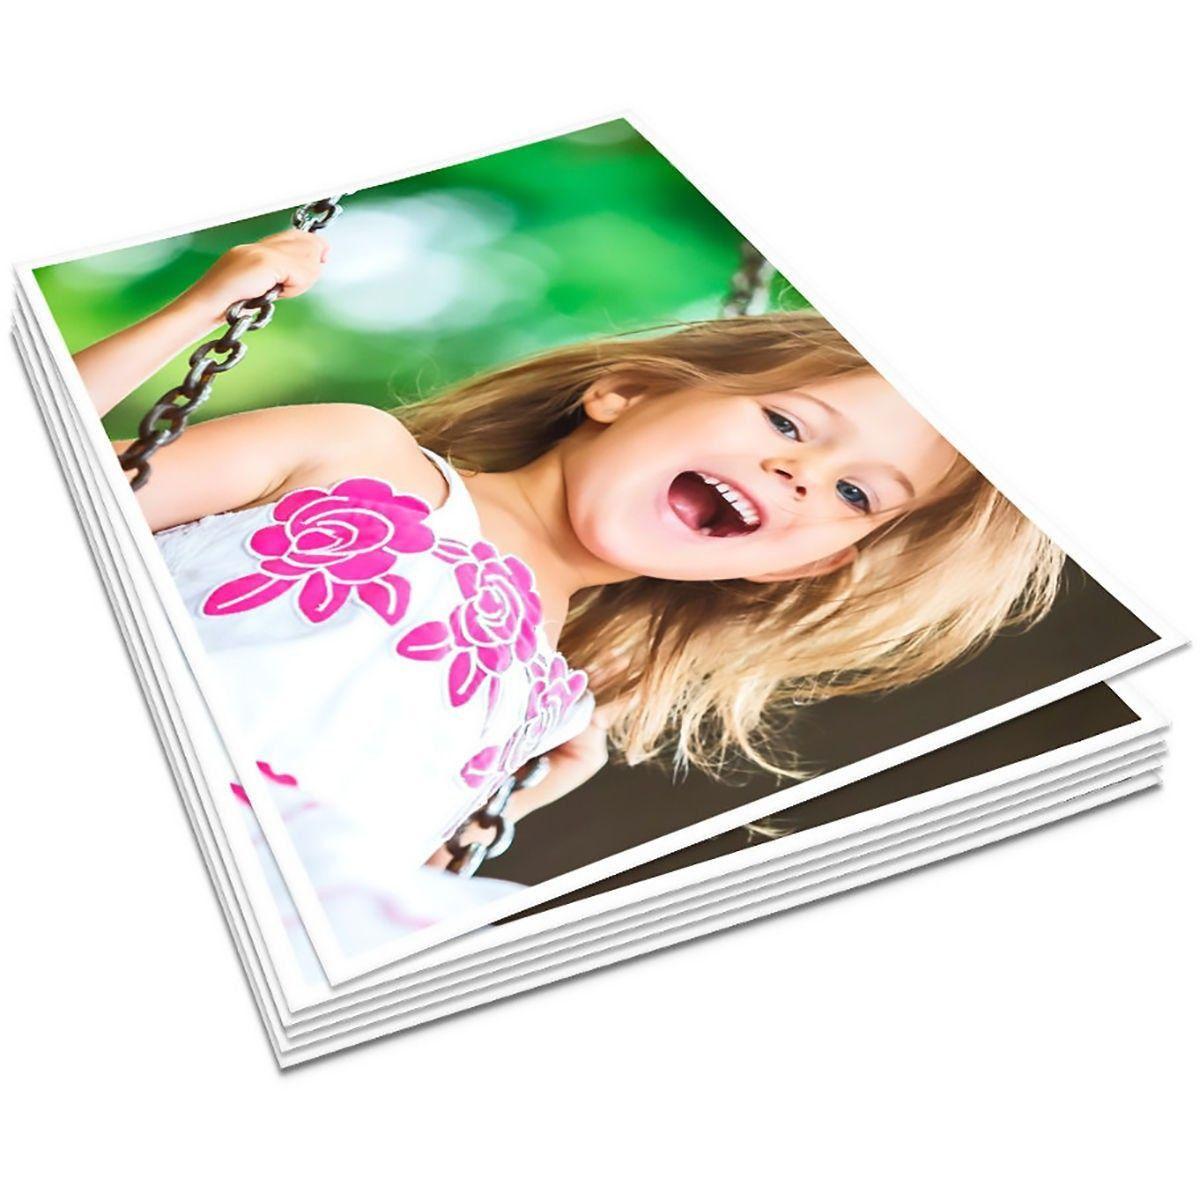 Papel Fotográfico A4 180g Glossy Branco Brilhante Resistente à Água / 400 folhas